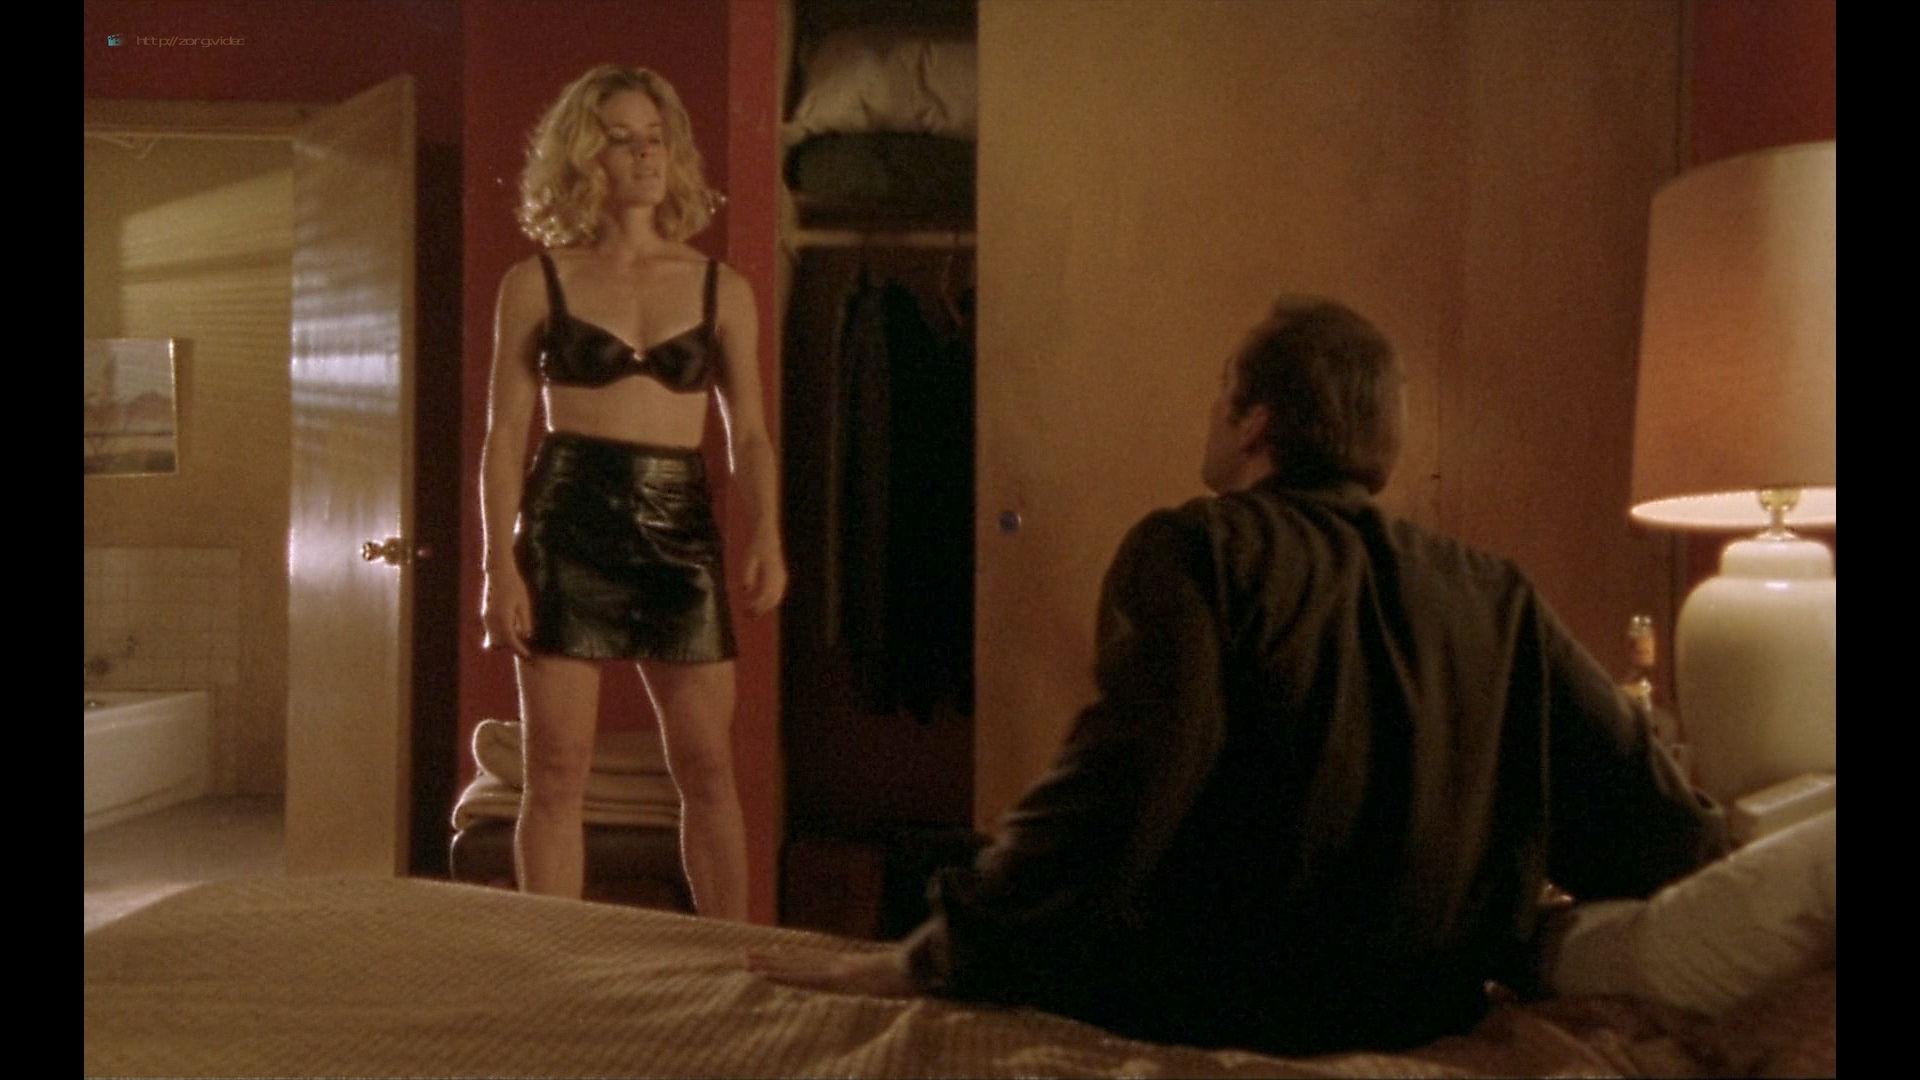 Elisabeth shue hot scene